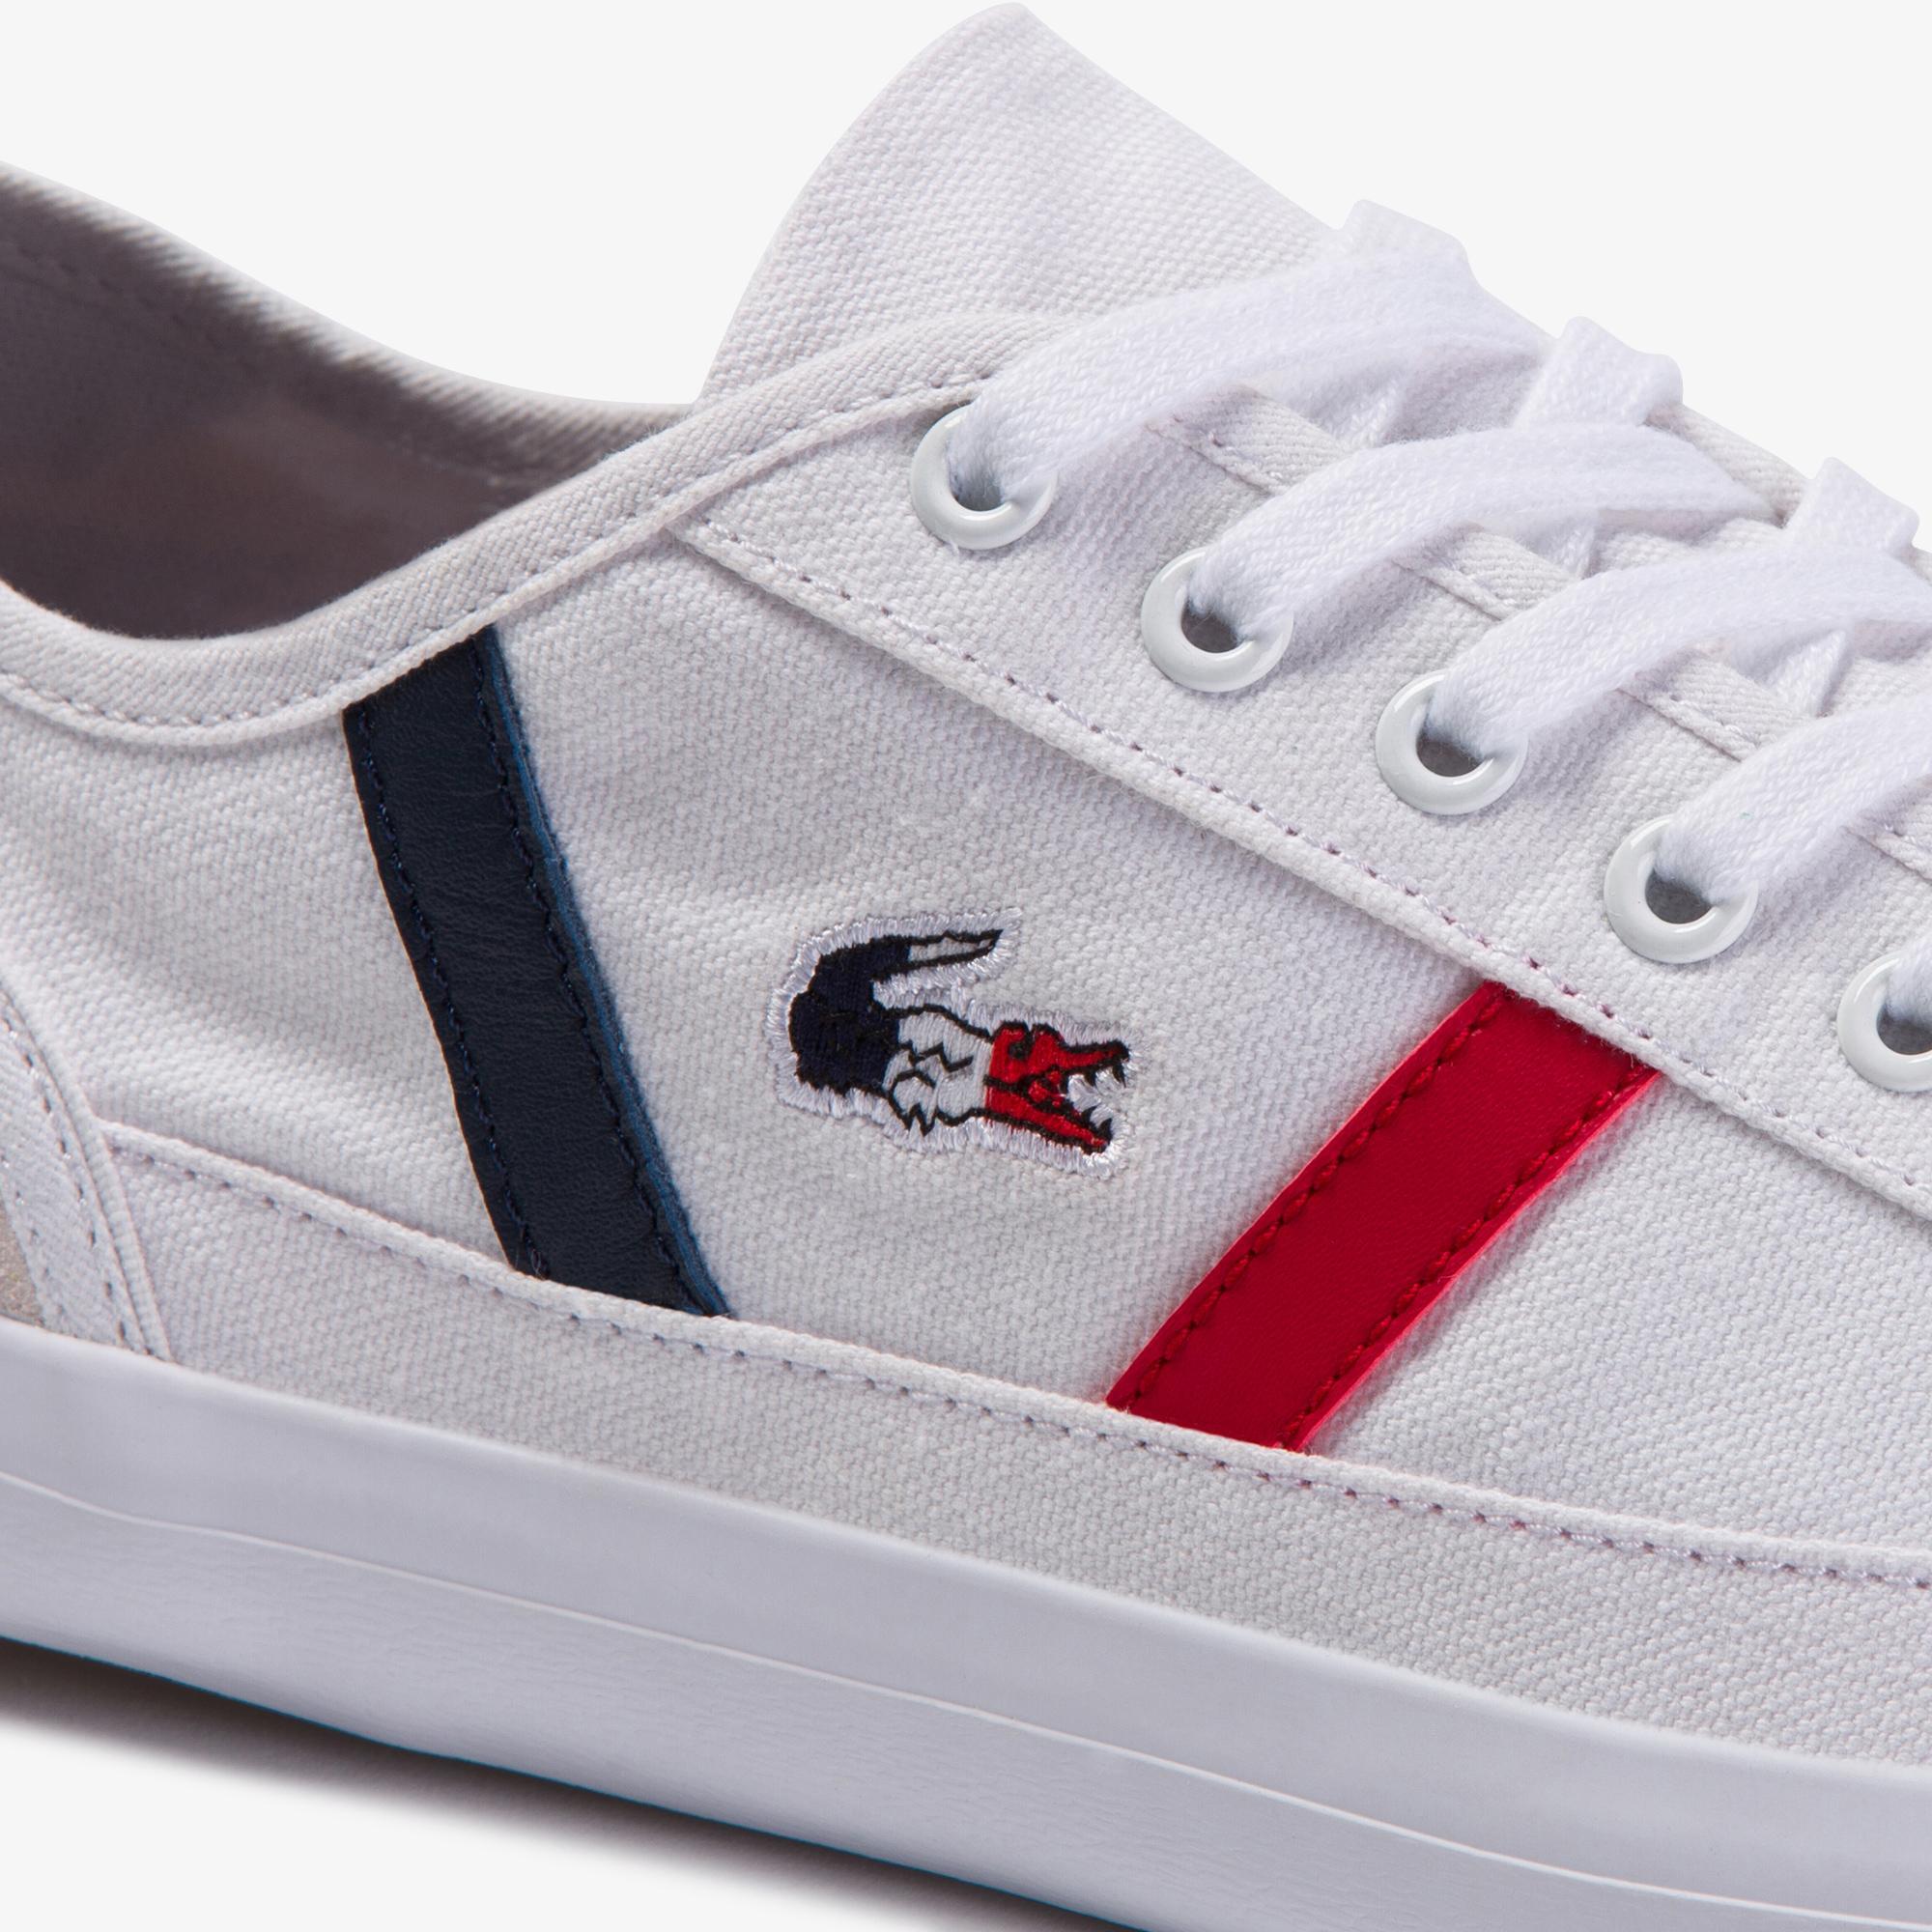 Lacoste Sideline Tri 2 Men's Sneakers